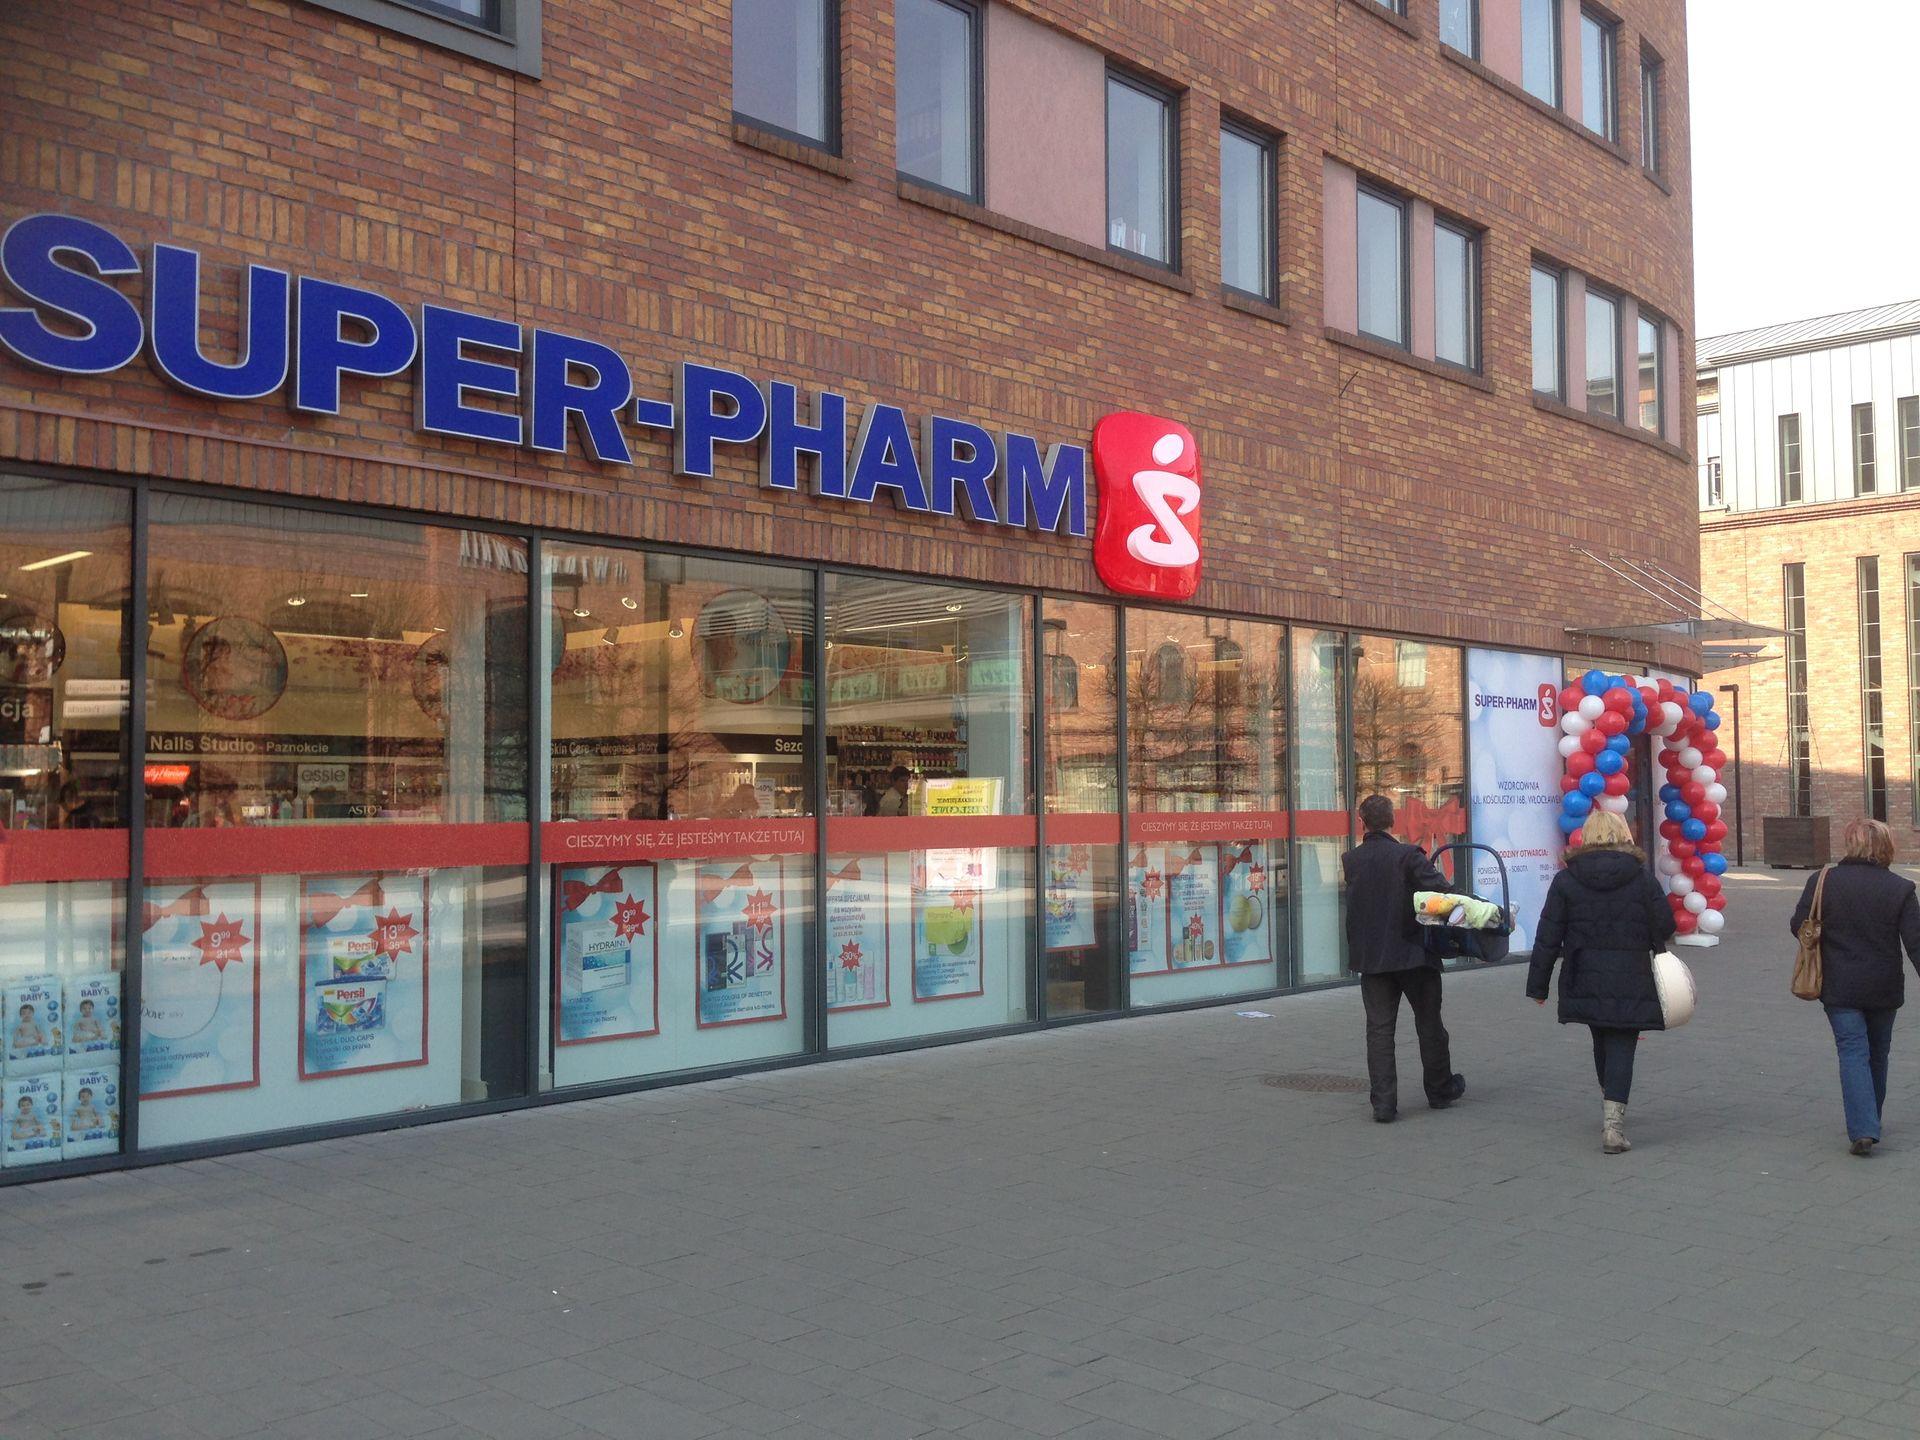 [kujawsko-pomorskie] Pierwszy sklep Super-Pharm we Włocławku otworzył się we Wzorcowni